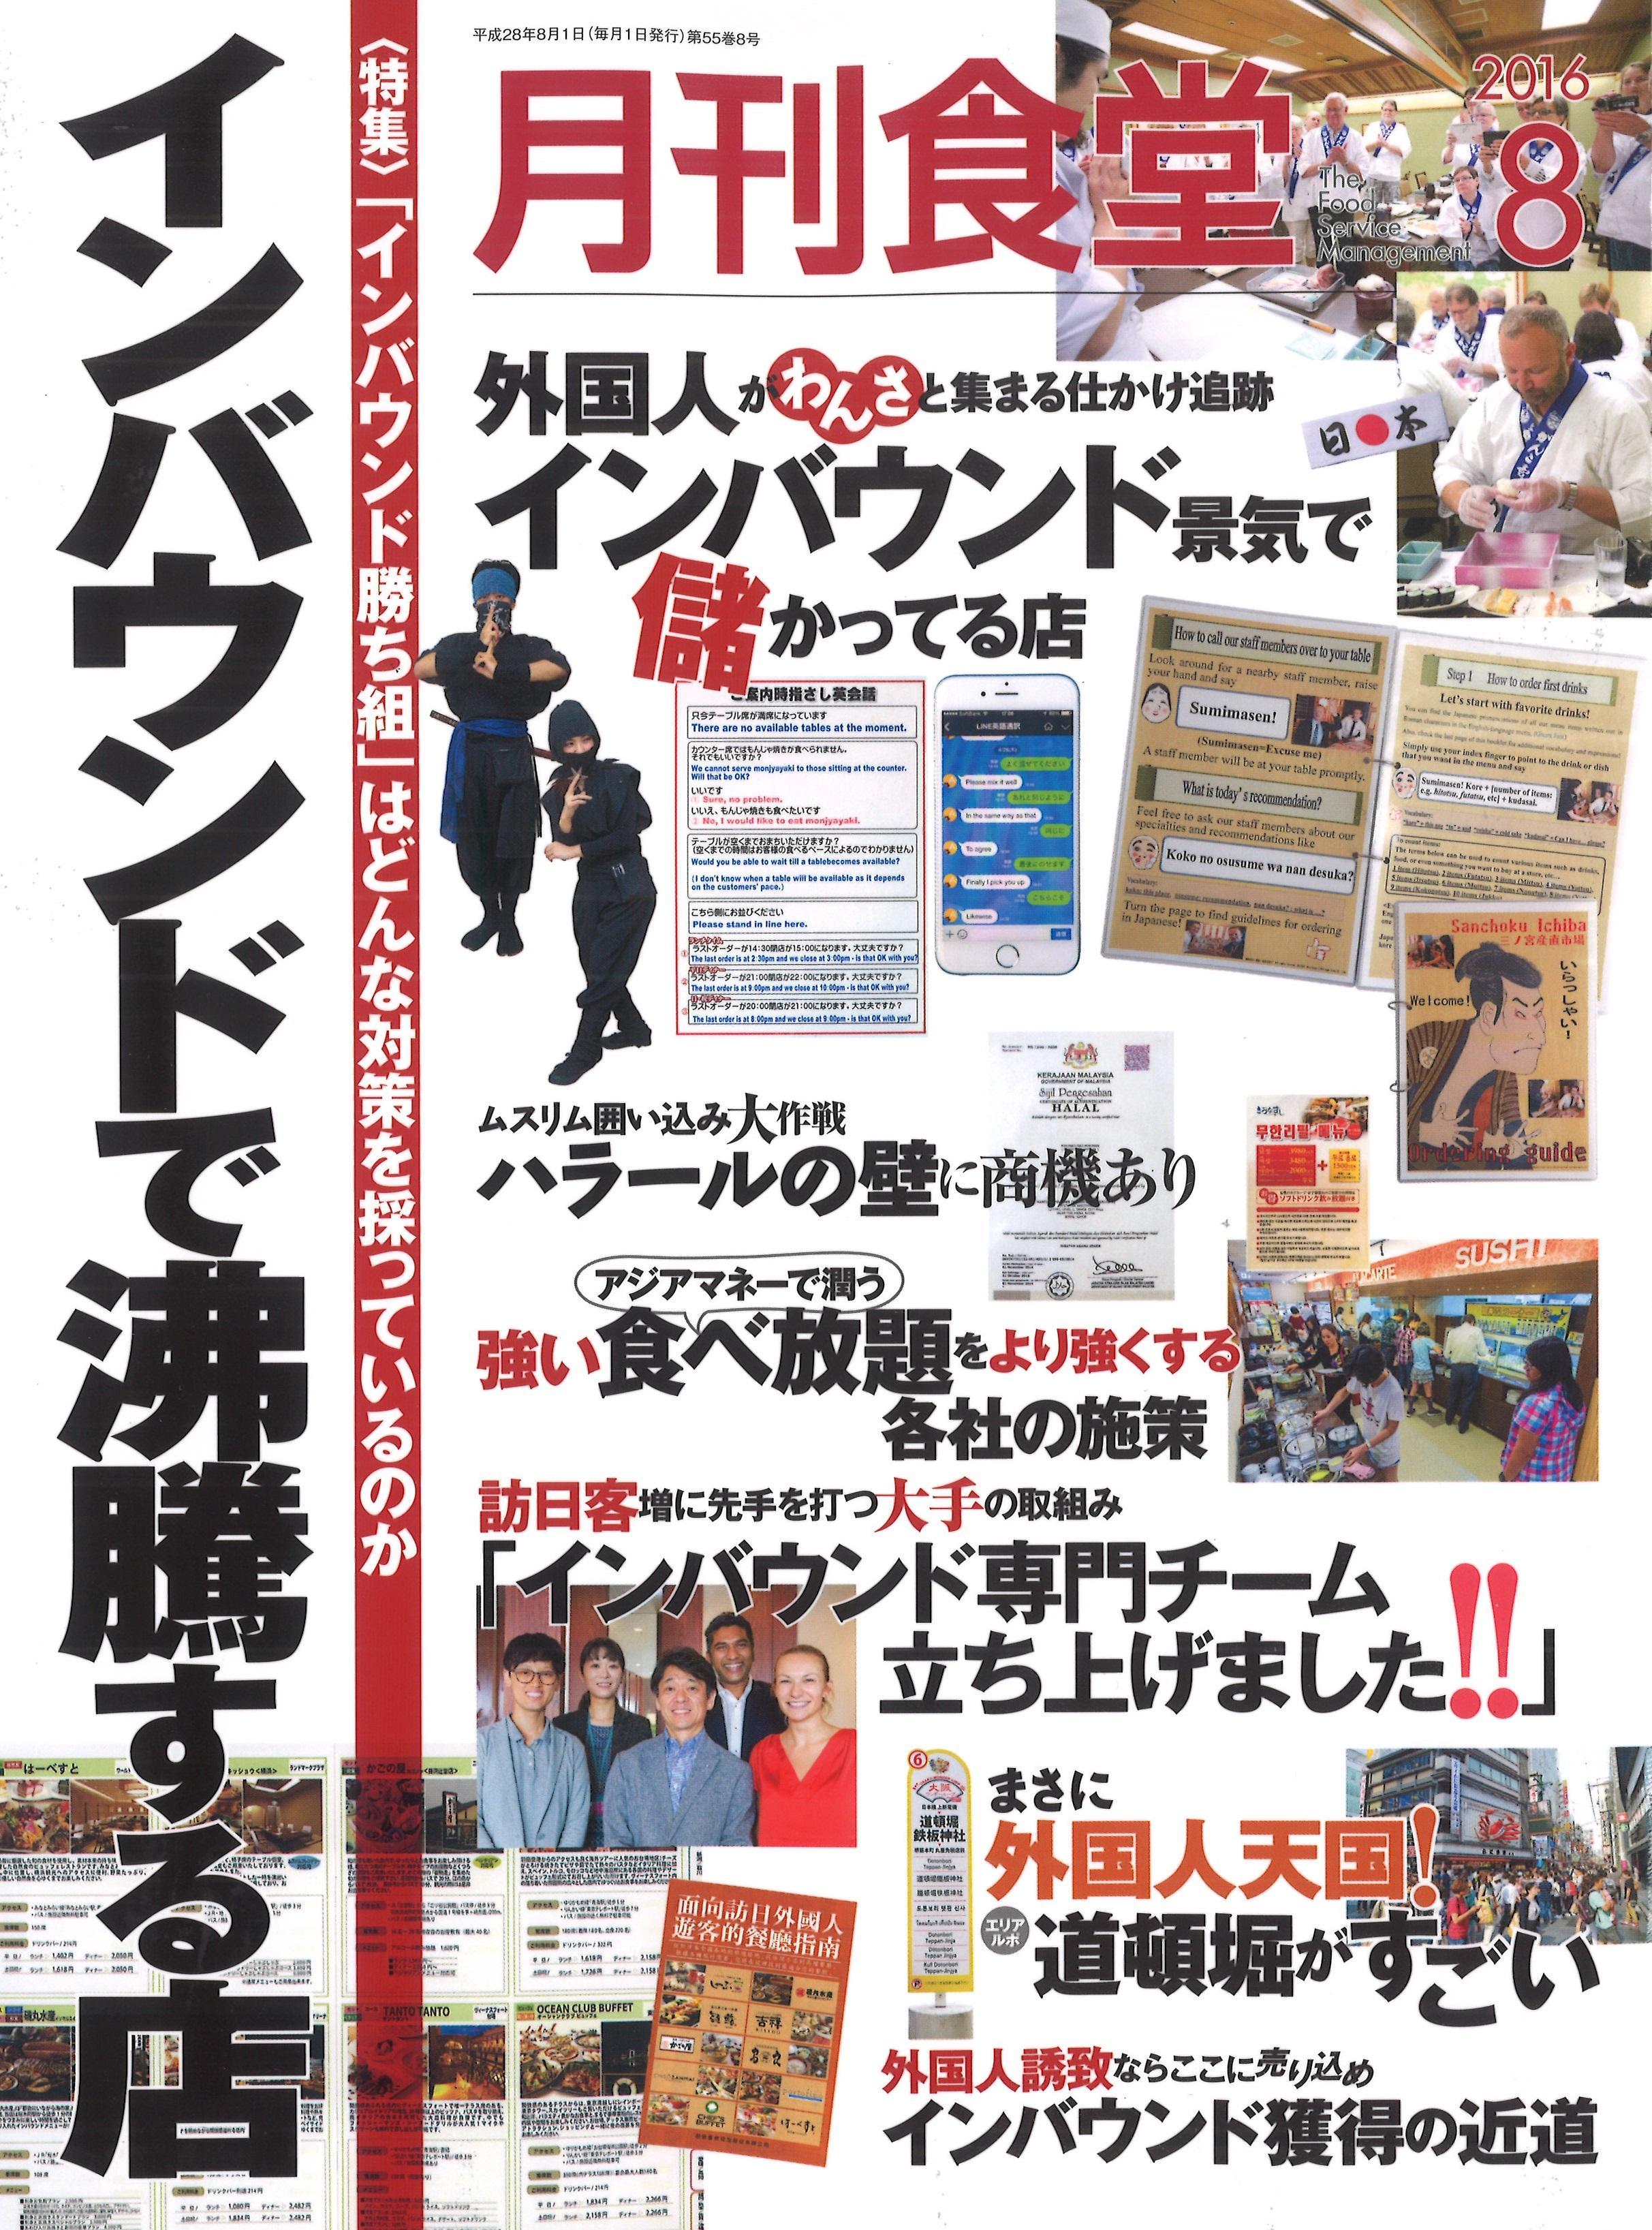 月刊食堂 8月号に掲載されました。